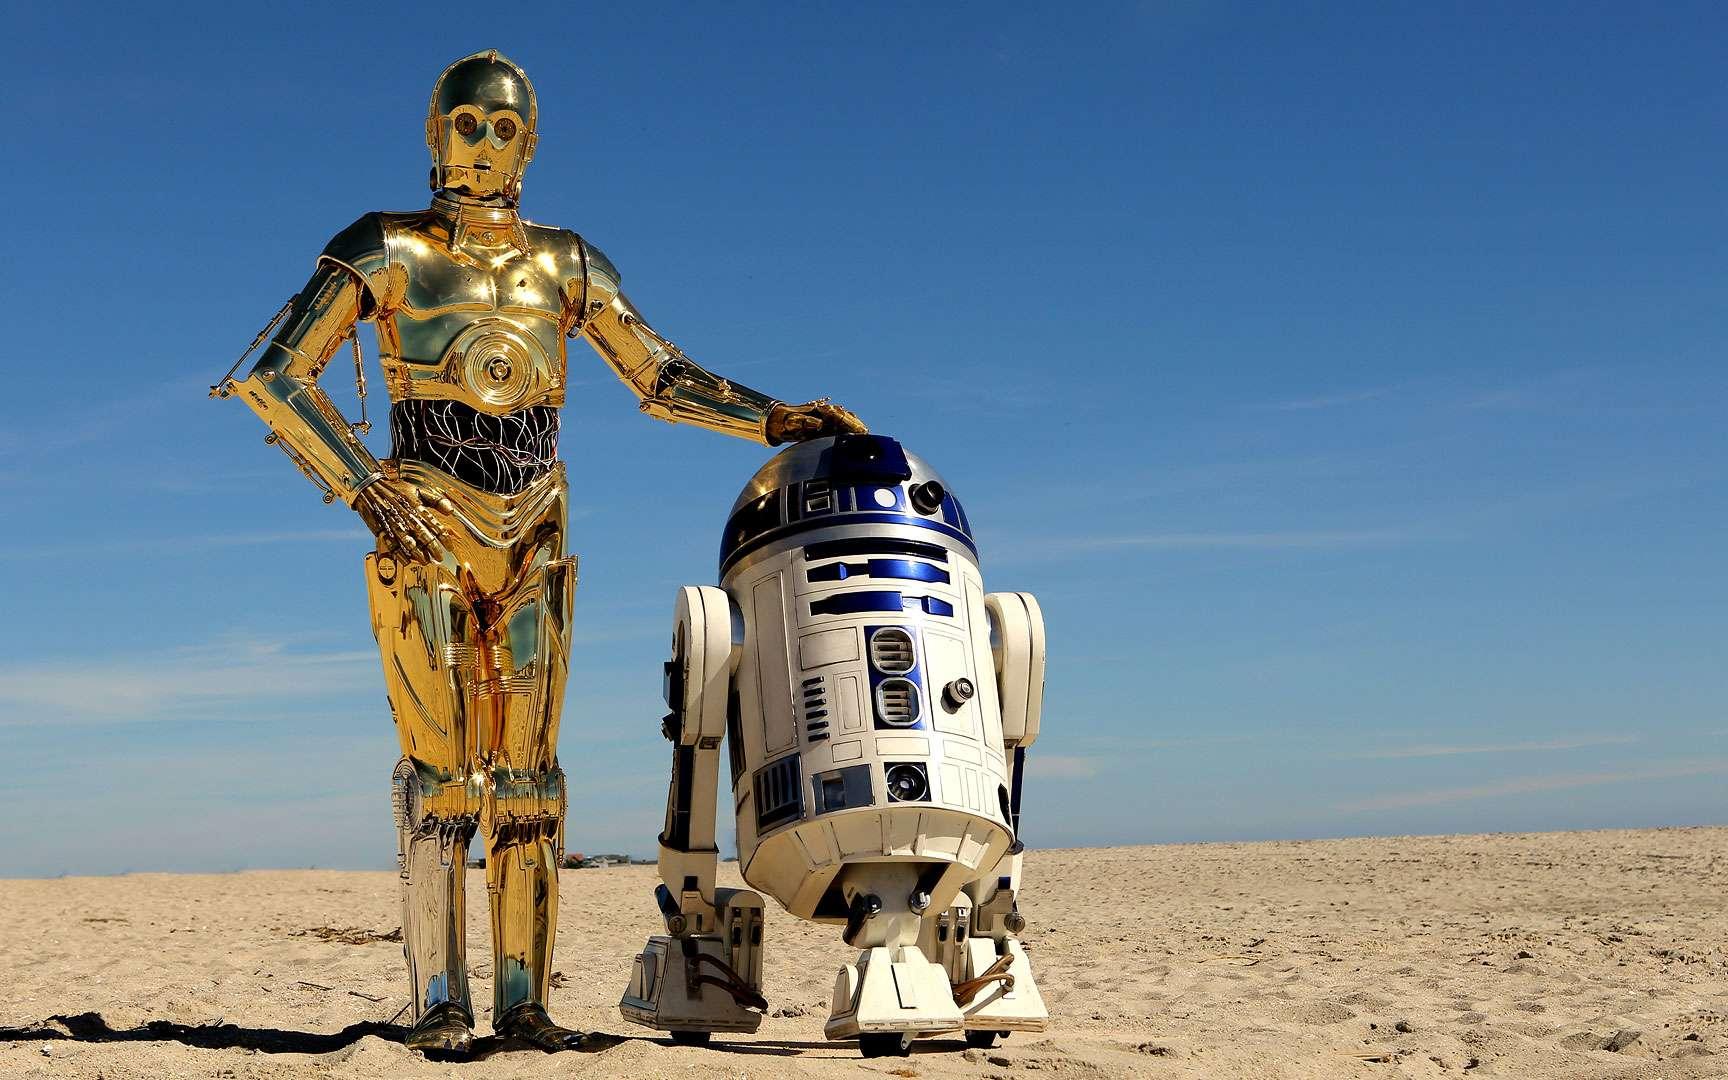 R2-D2. R2-D2 est un robot de la saga Star Wars. De forme ovoïde et de petite taille, il s'exprime par sifflements. Il forme un duo comique avec C3PO inspiré par Laurel et Hardy. © Terren in Virginia, Flickr, Attribution 2.0 Generic (CC BY 2.0)